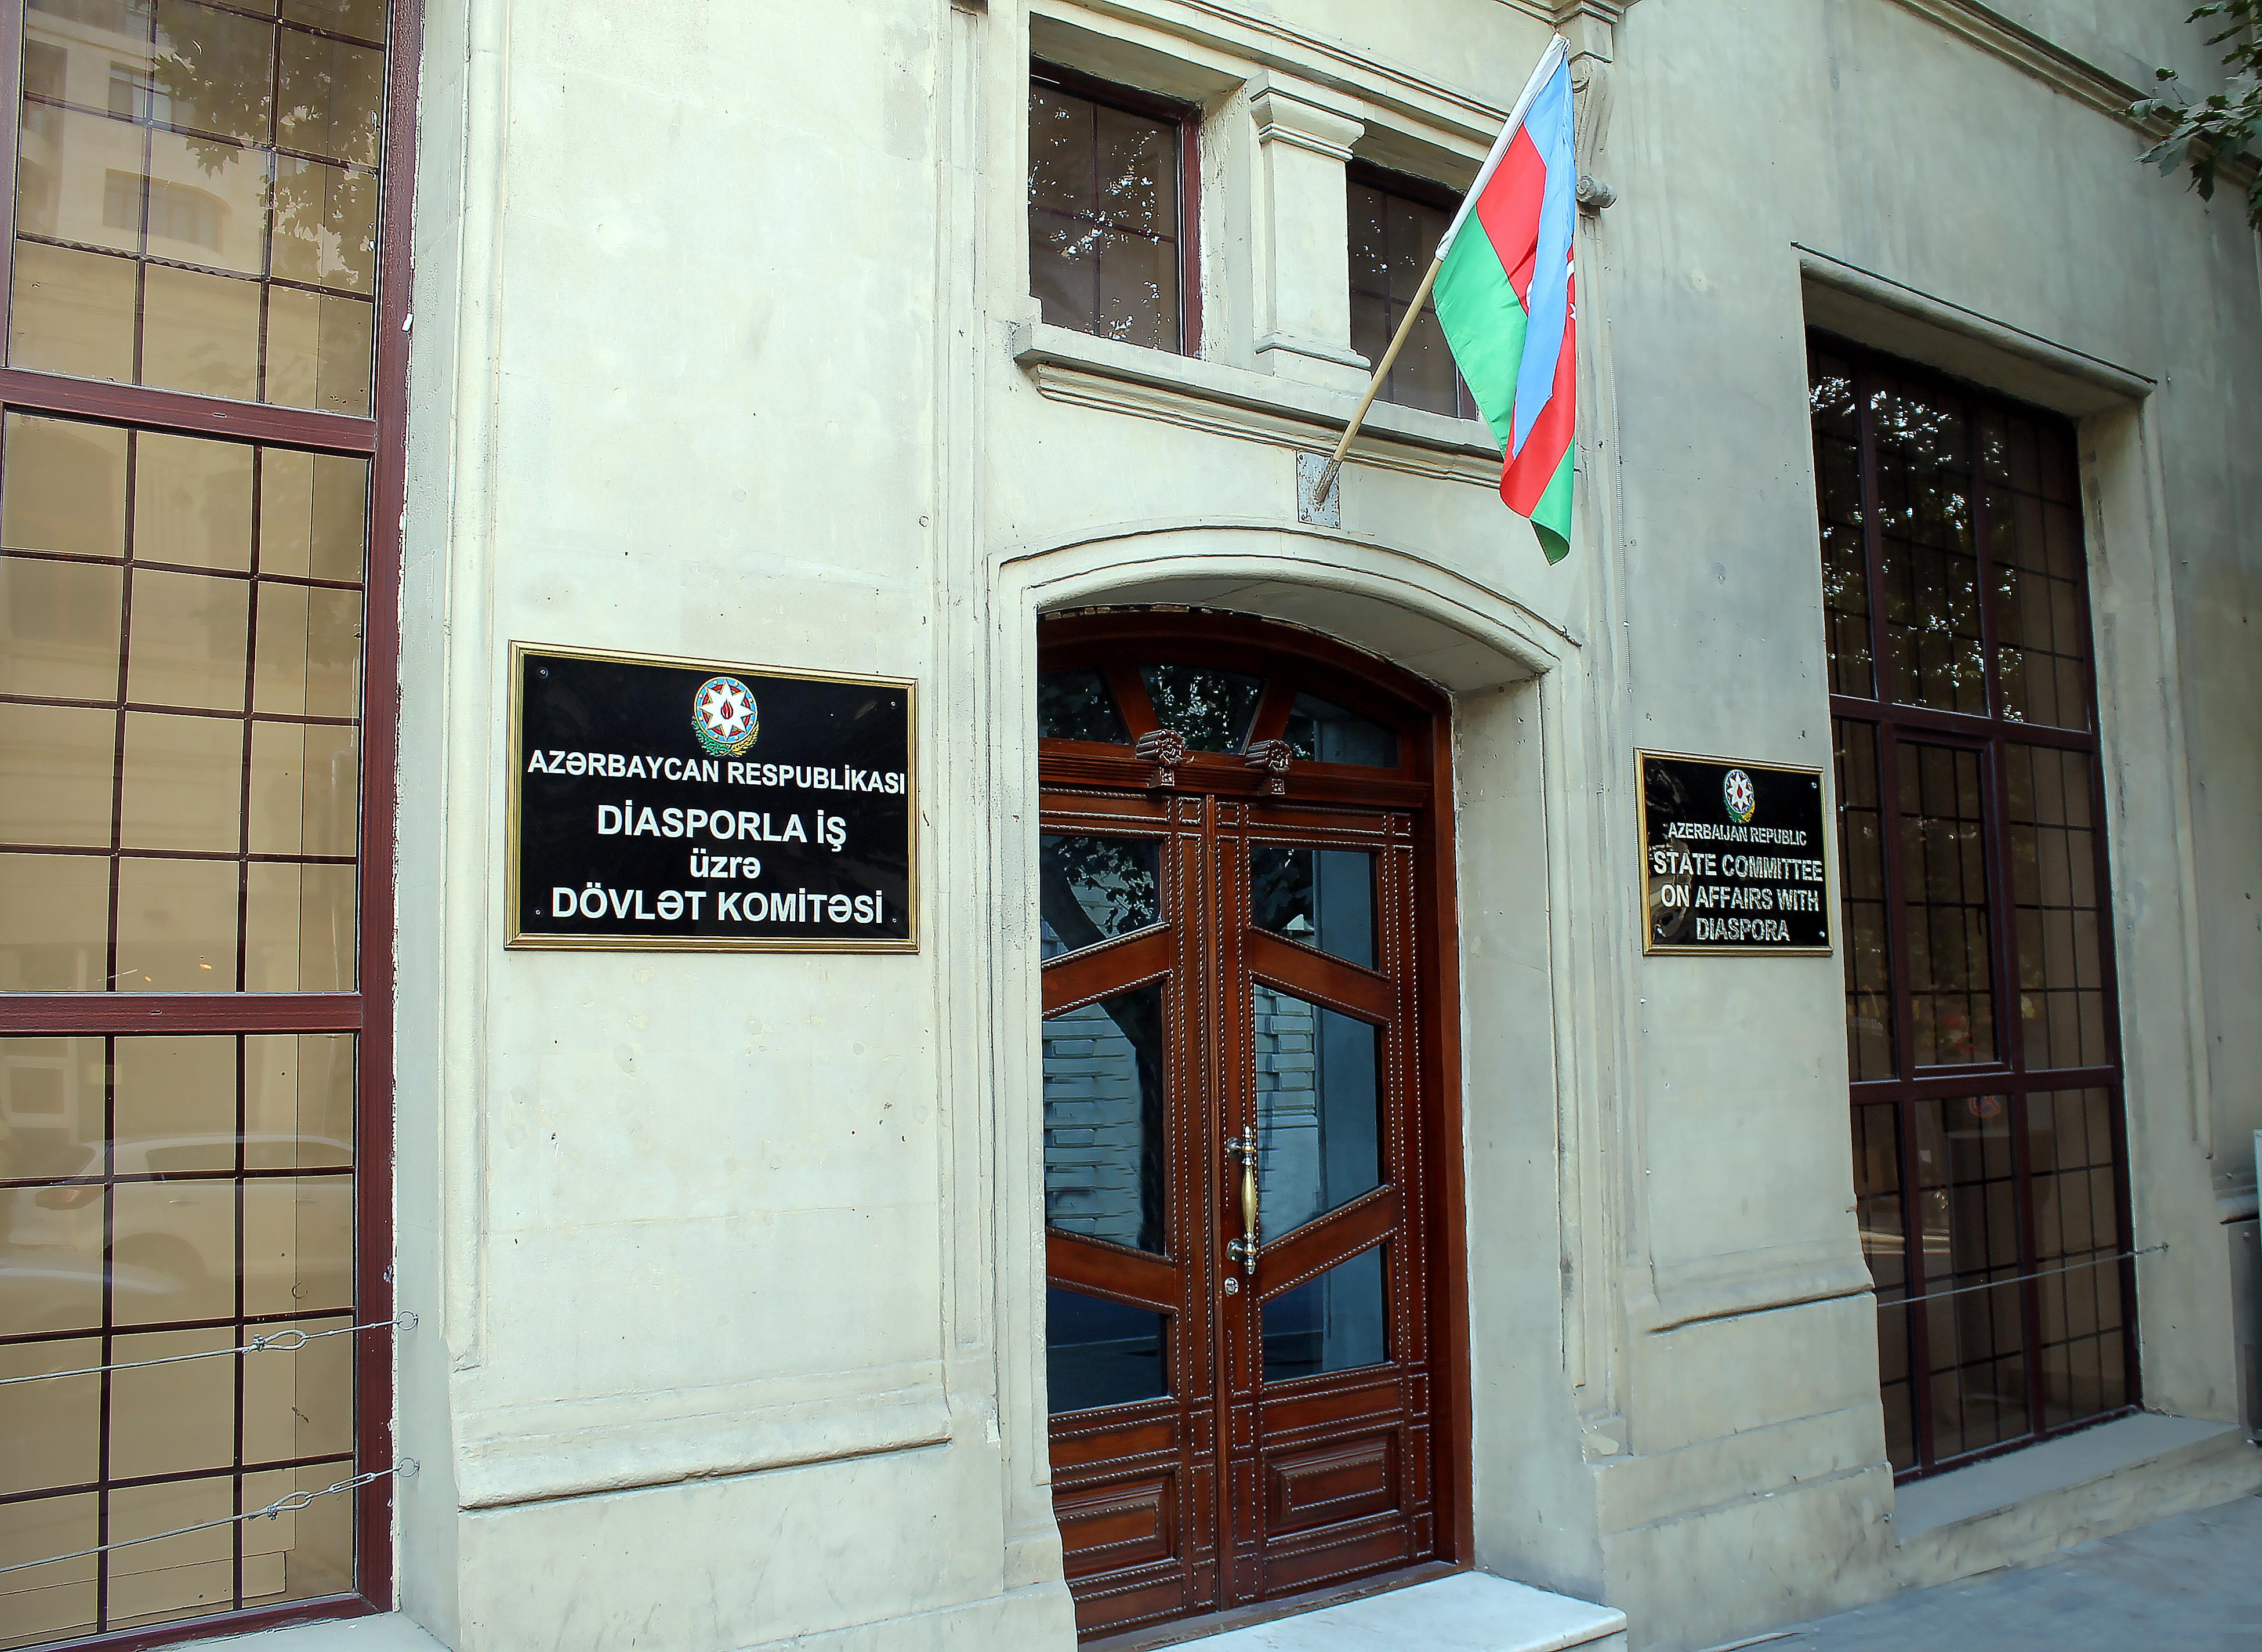 Diasporla İş üzrə Dövlət Komitəsində yoxlama aparıldı, nöqsanlar üzə çıxarıldı